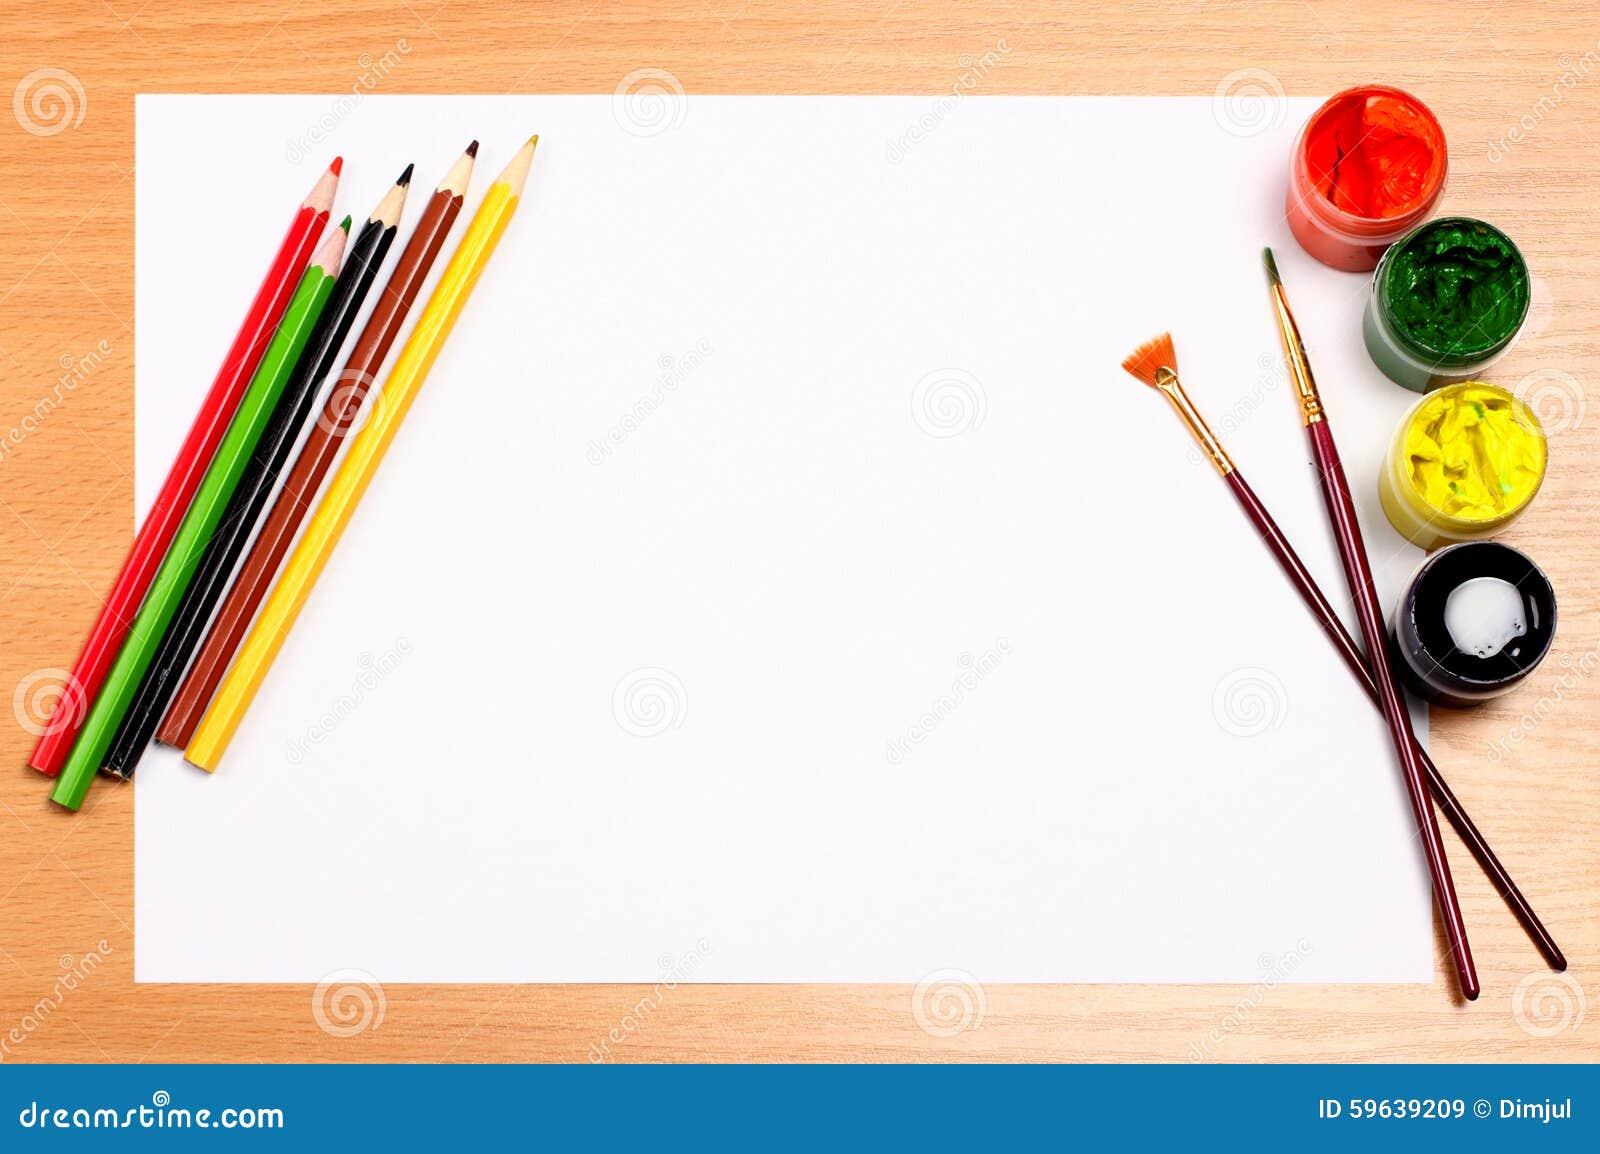 feuille vide avec la peinture et les crayons sur le bureau concept d 39 art image stock image. Black Bedroom Furniture Sets. Home Design Ideas